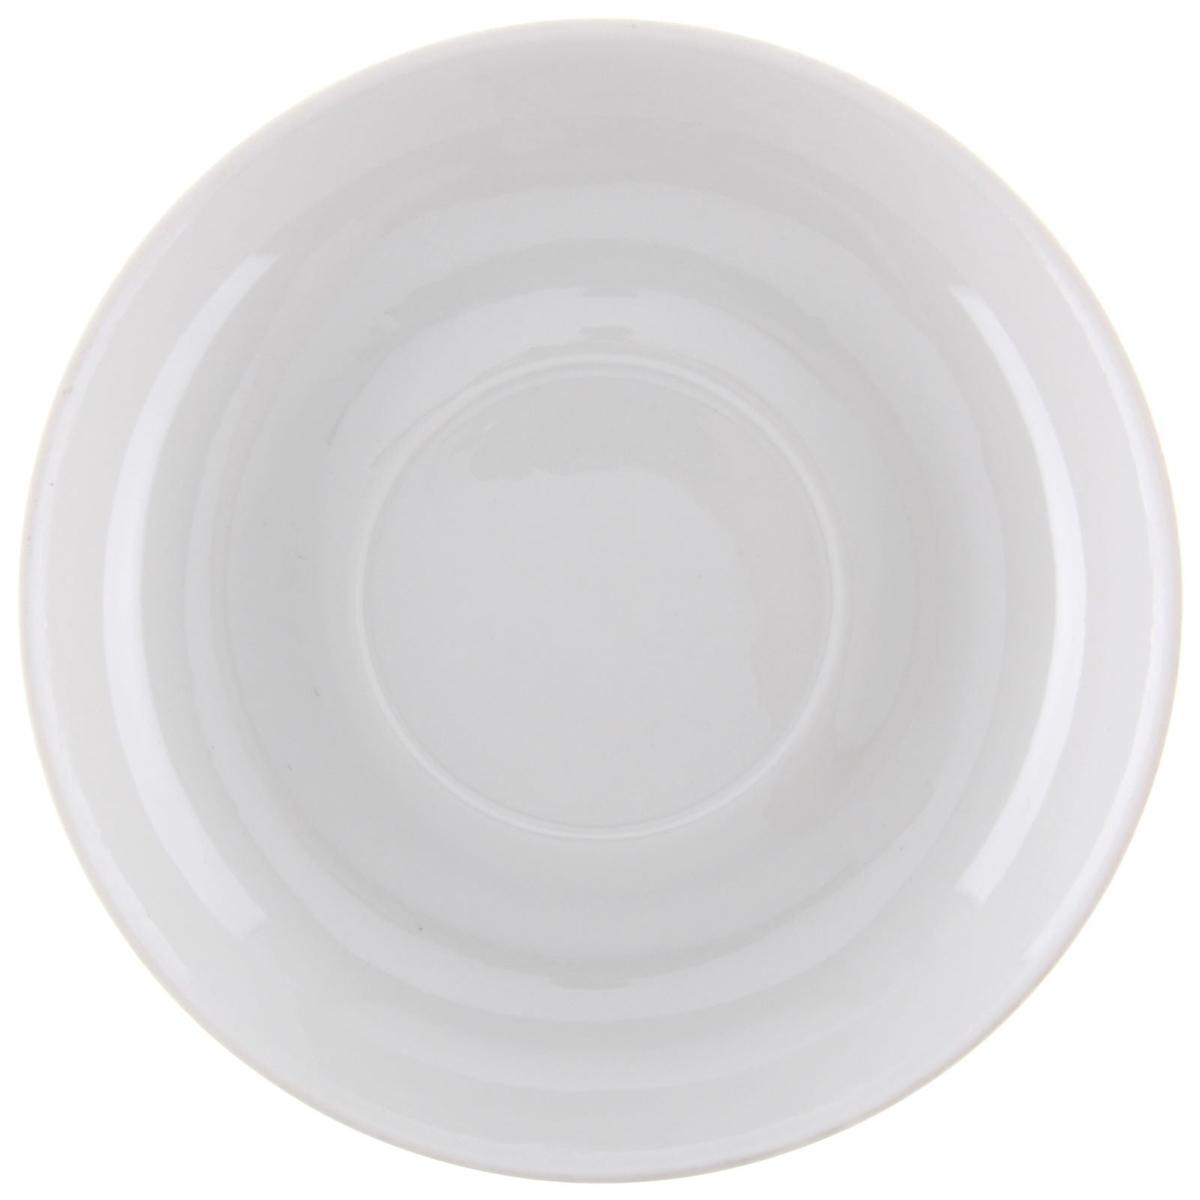 Блюдце чайное Фарфор Вербилок. 13331761333176От качества посуды зависит не только вкус еды, но и здоровье человека. Блюдце Для варенья, - товар, соответствующий российским стандартам качества. Любой хозяйке будет приятно держать его в руках. С такой посудой и кухонной утварью приготовление еды и сервировка стола превратятся в настоящий праздник.